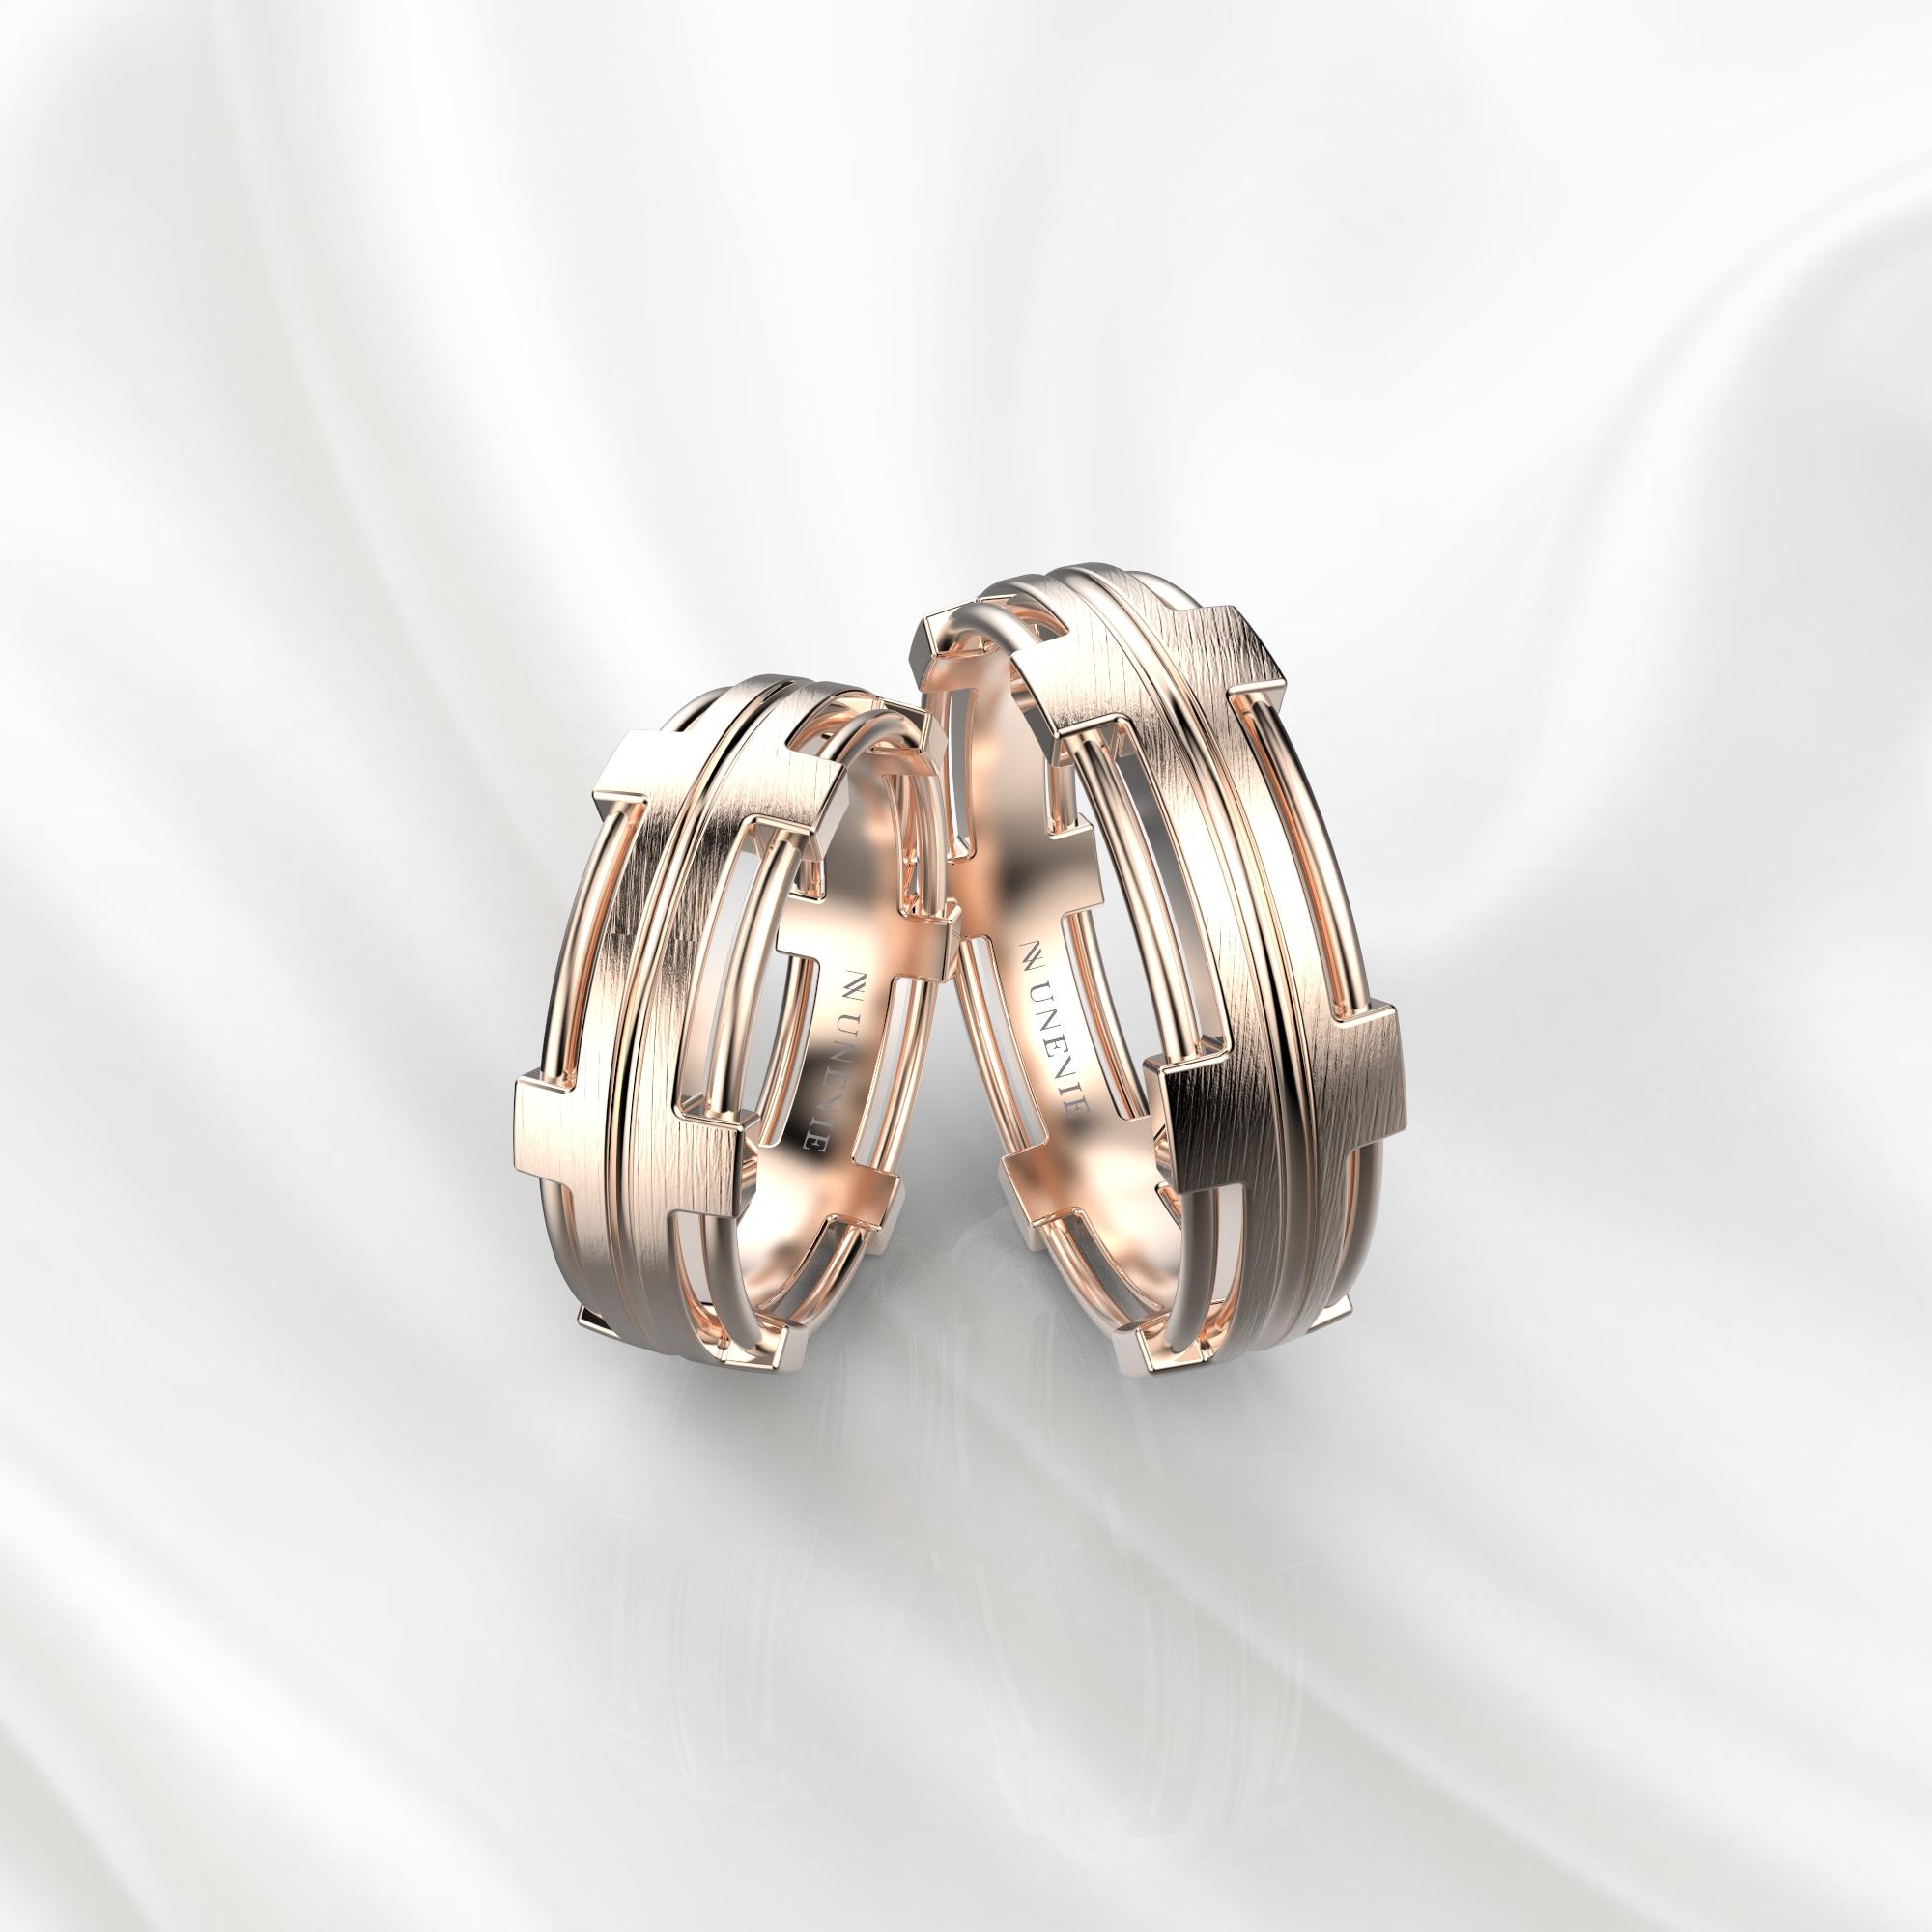 NV68 Парные обручальные кольца из розового золота